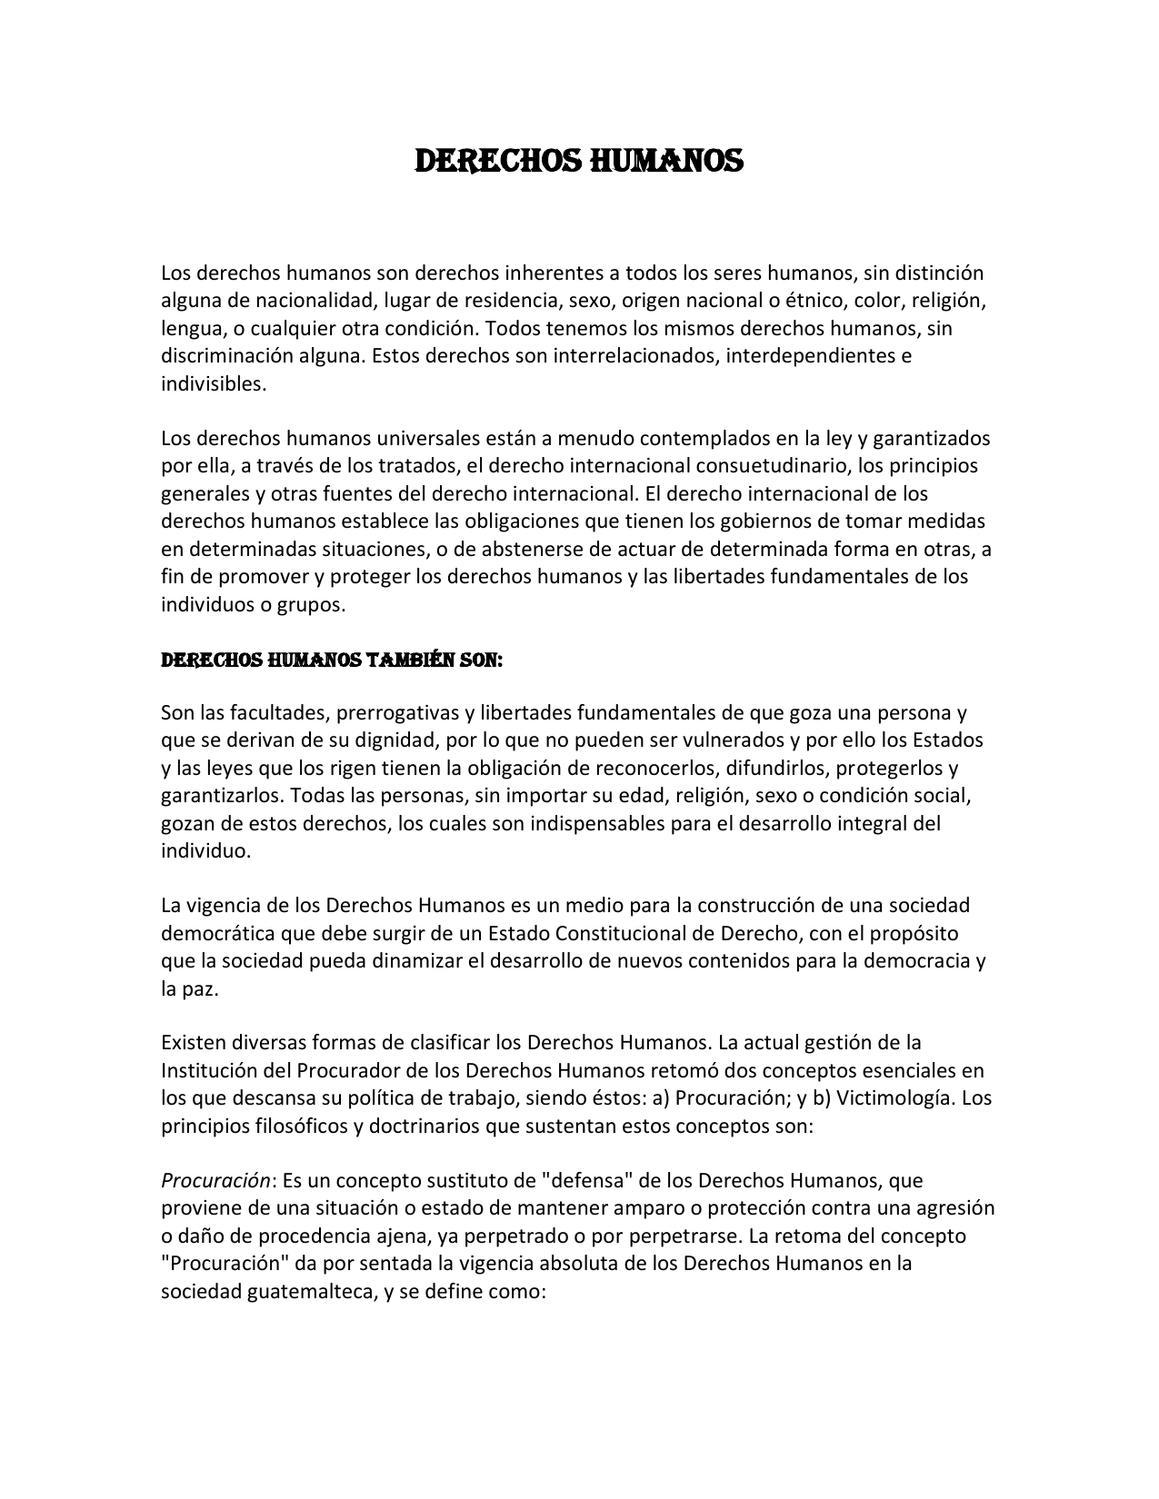 Segmentación de mercados by fausto zapeta - issuu